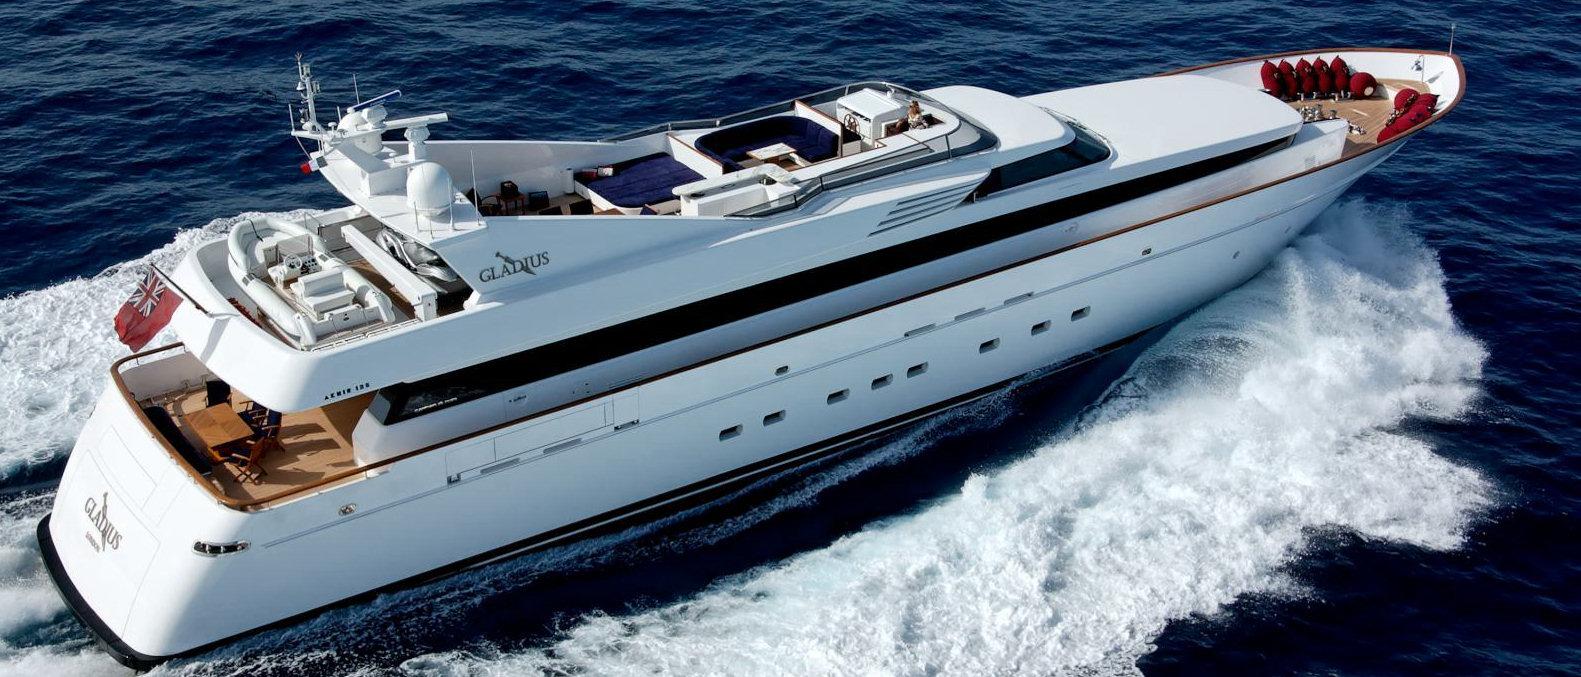 Yacht Gladius